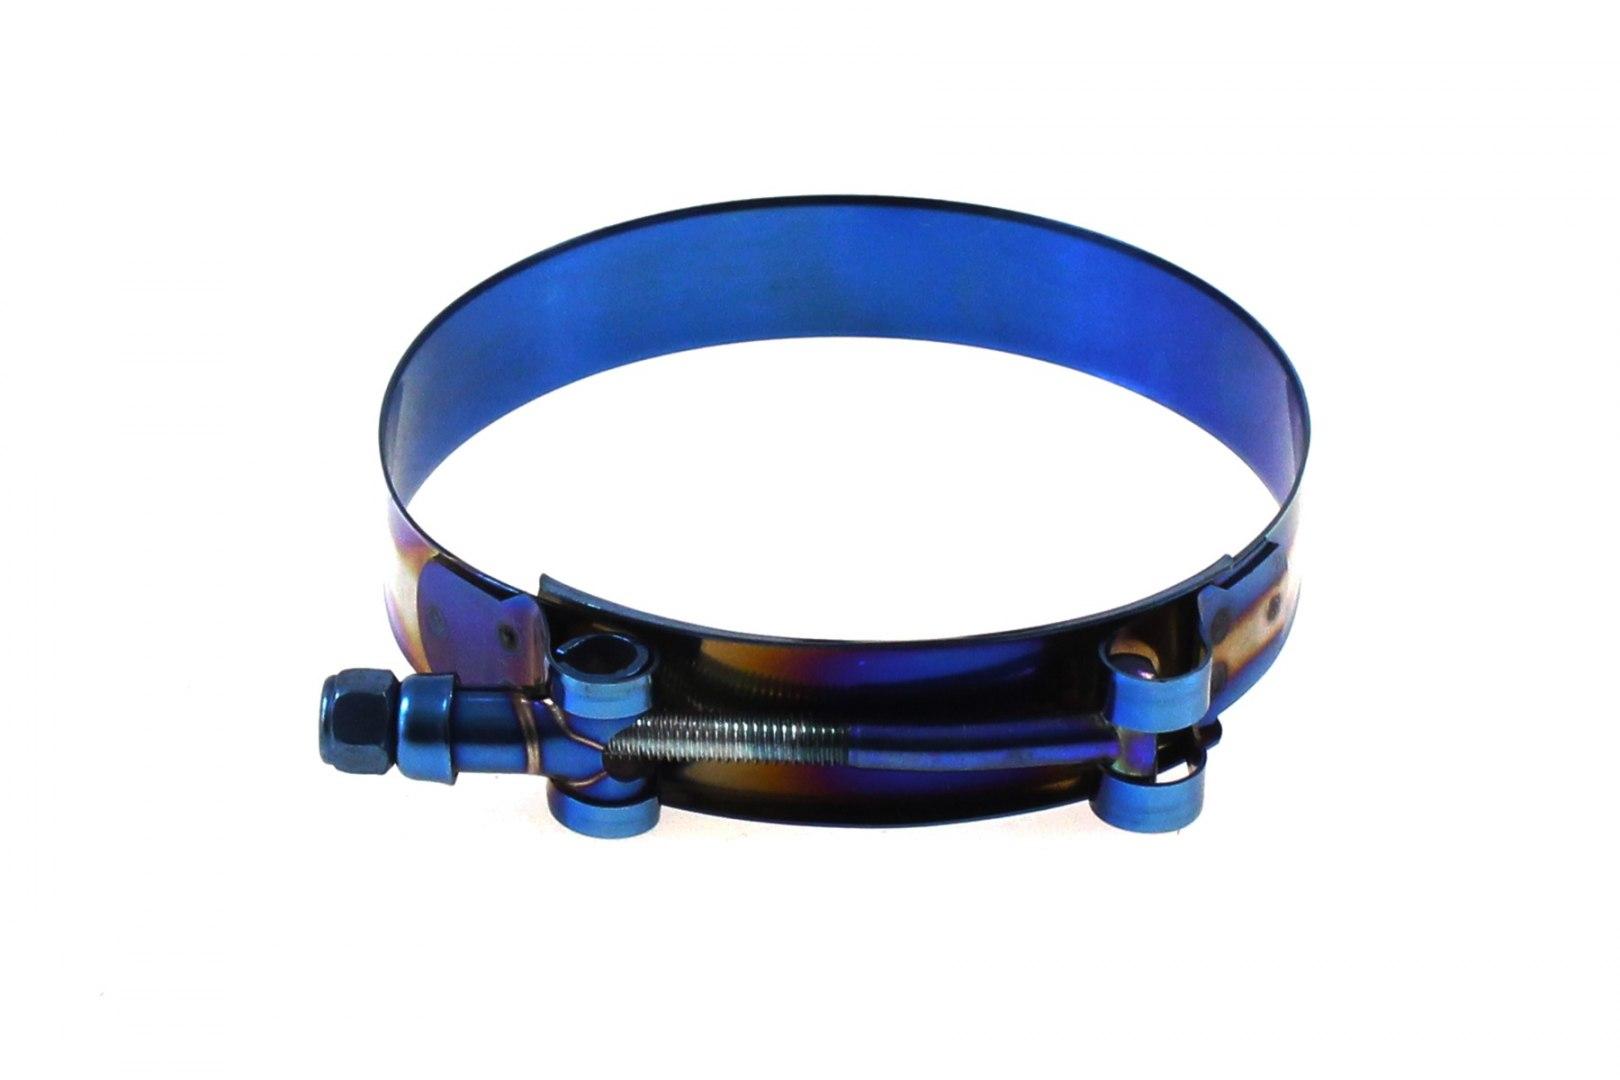 Opaska zaciskowa TurboWorks 84-92mm T-Clamp - GRUBYGARAGE - Sklep Tuningowy